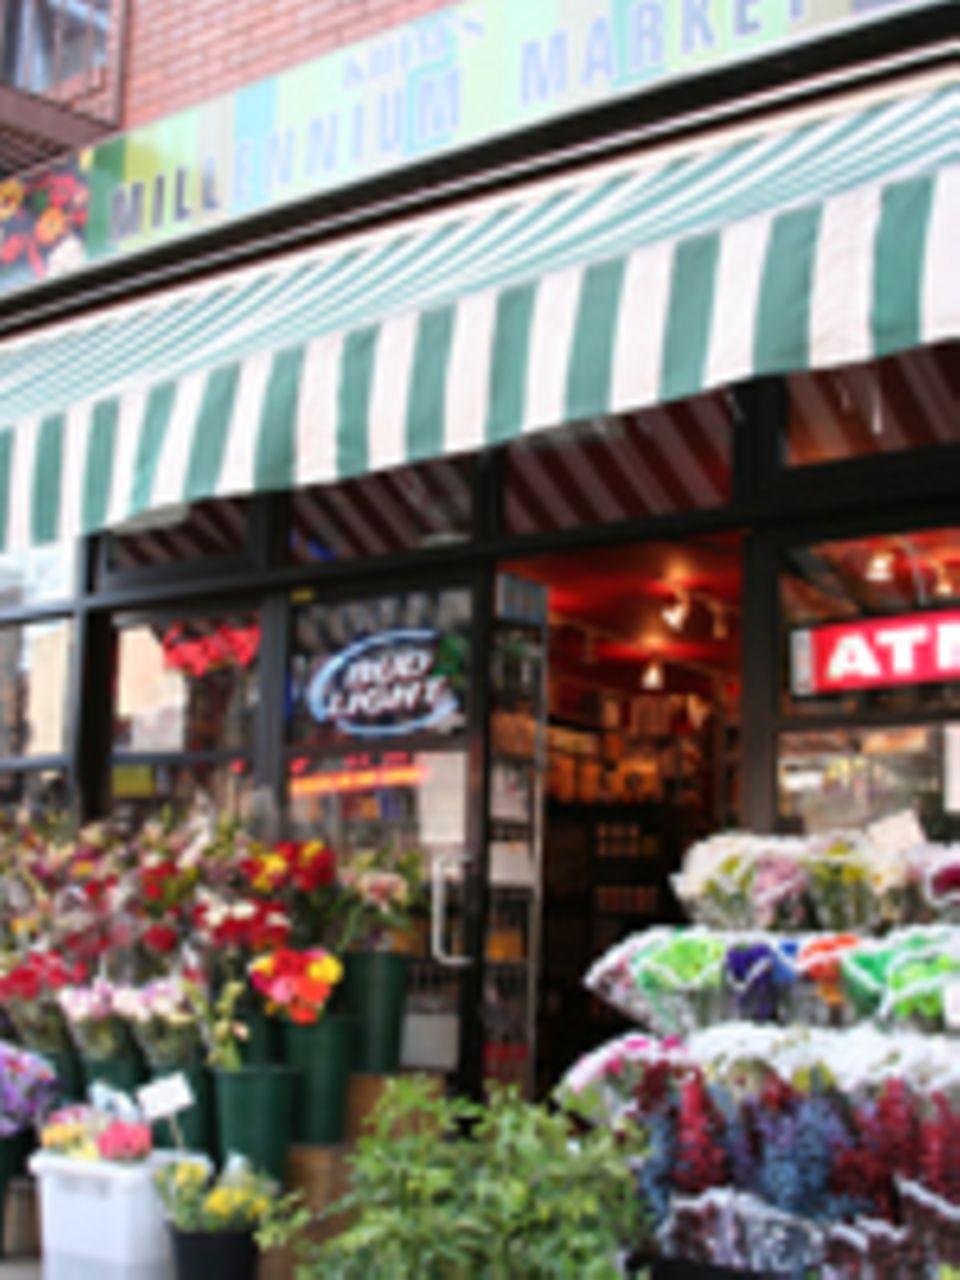 Khim's Millenium Market, Bedford Ave zwischen der Grand Street und der Metropolitan Avenue